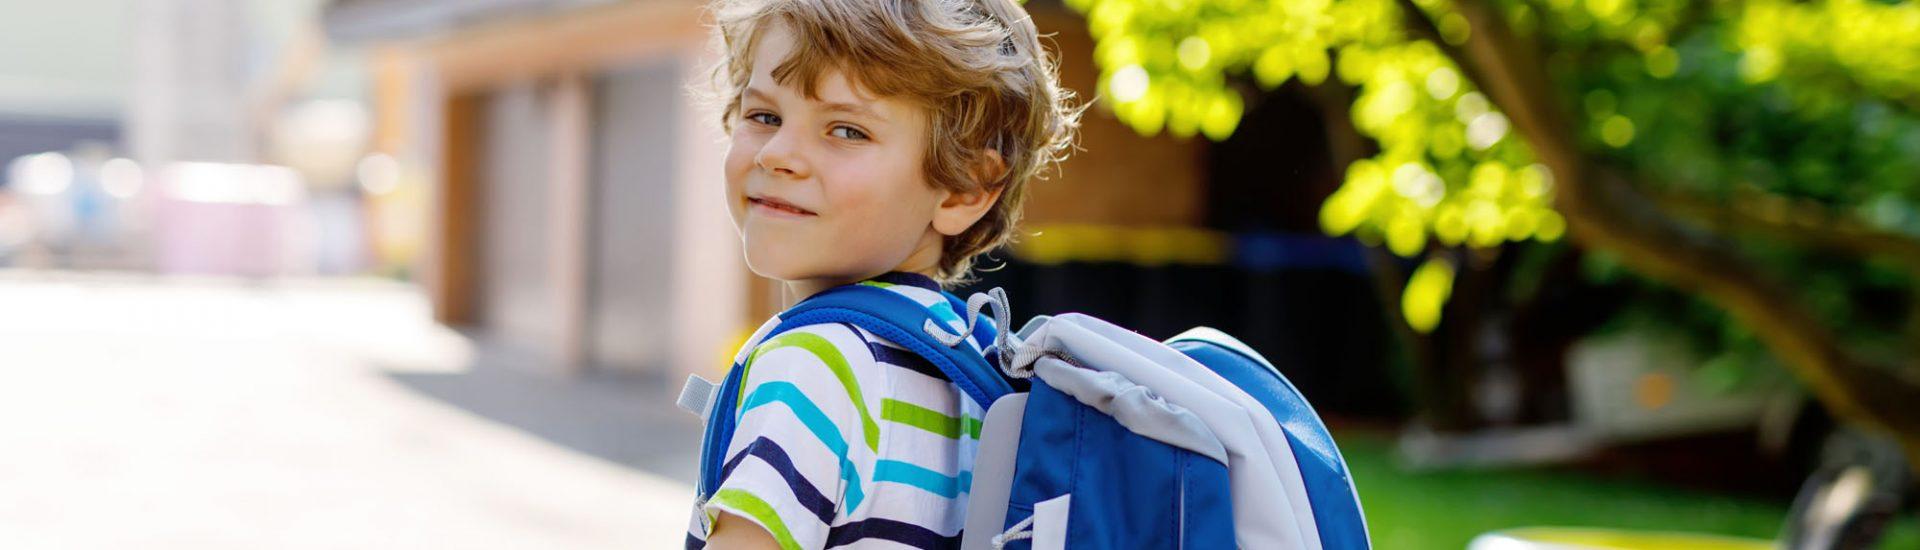 Schulranzen für Jungs - Worauf achten?